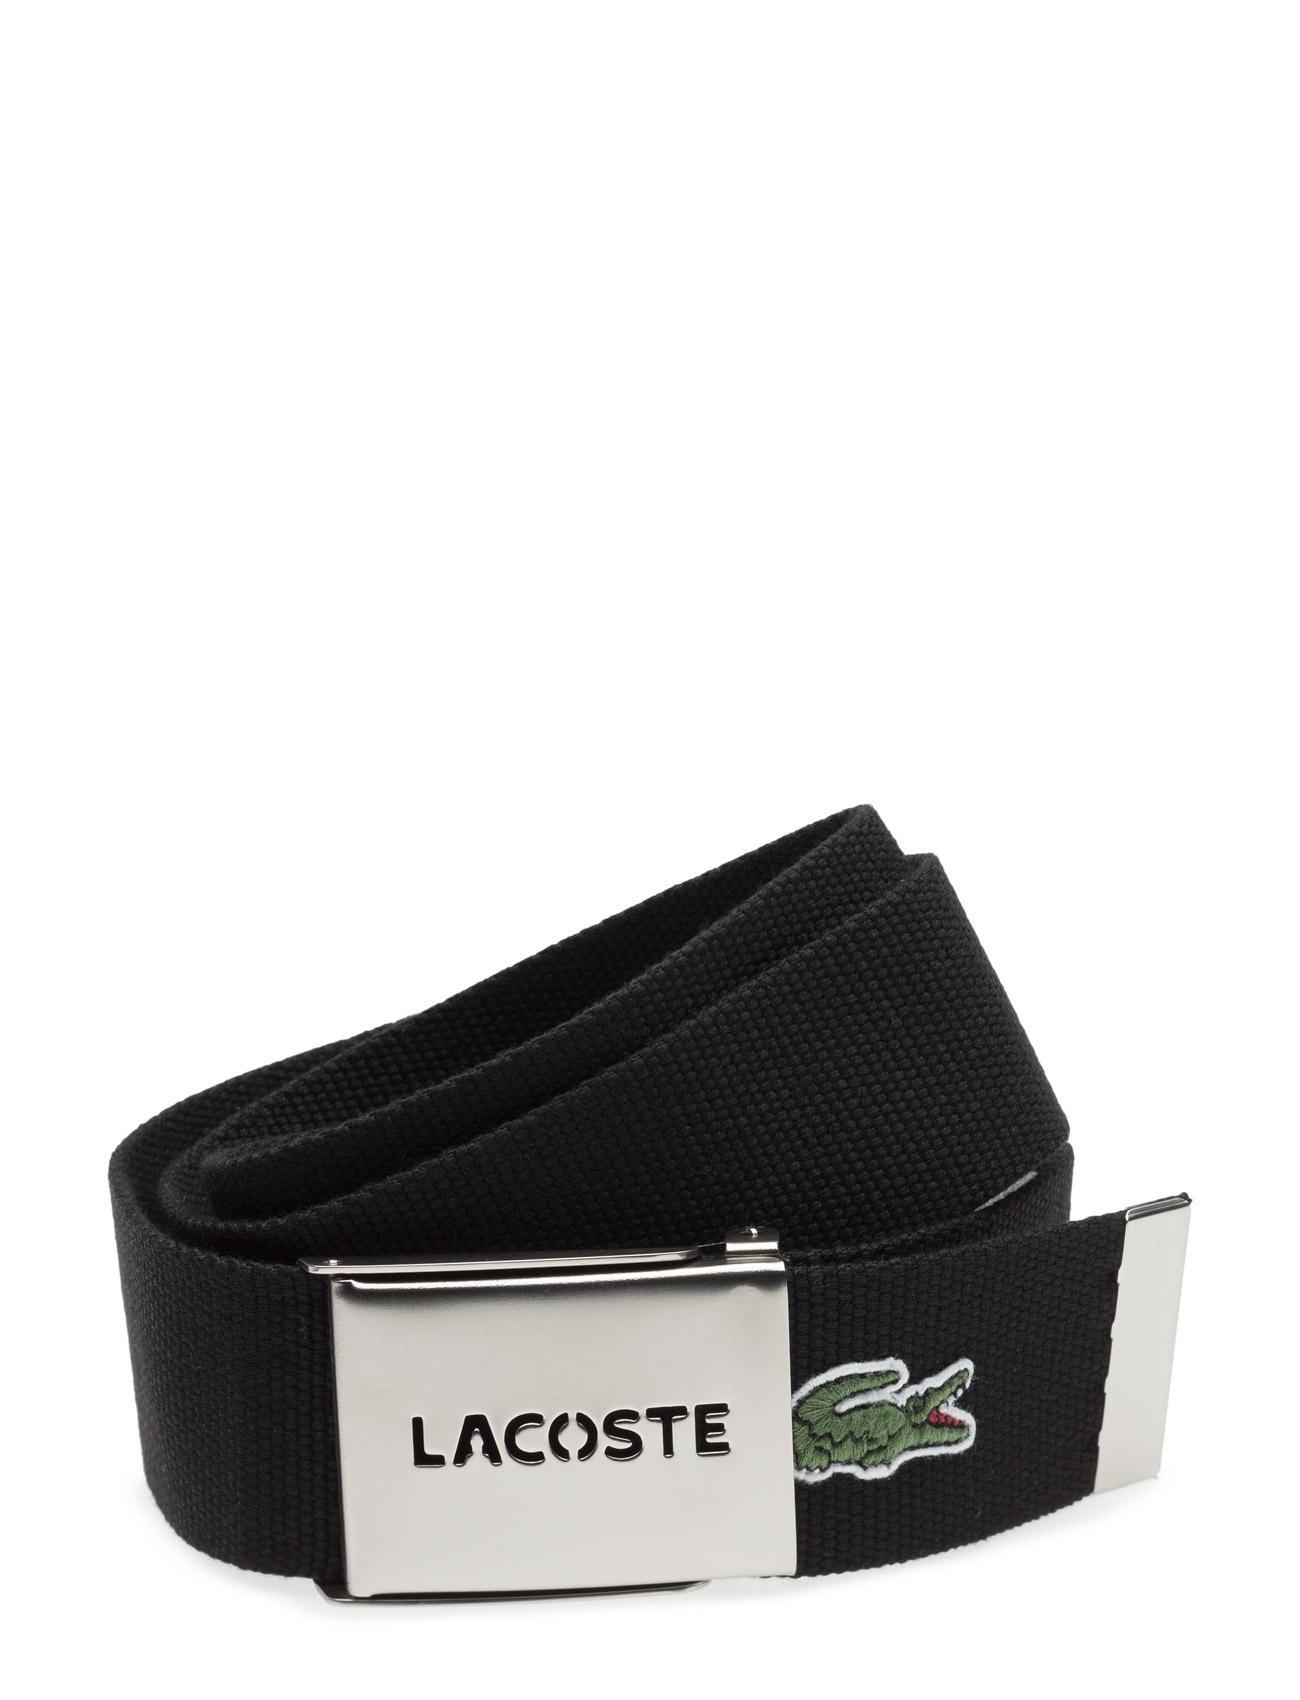 Leather Goods Belt Lacoste Bælter til Herrer i Sort